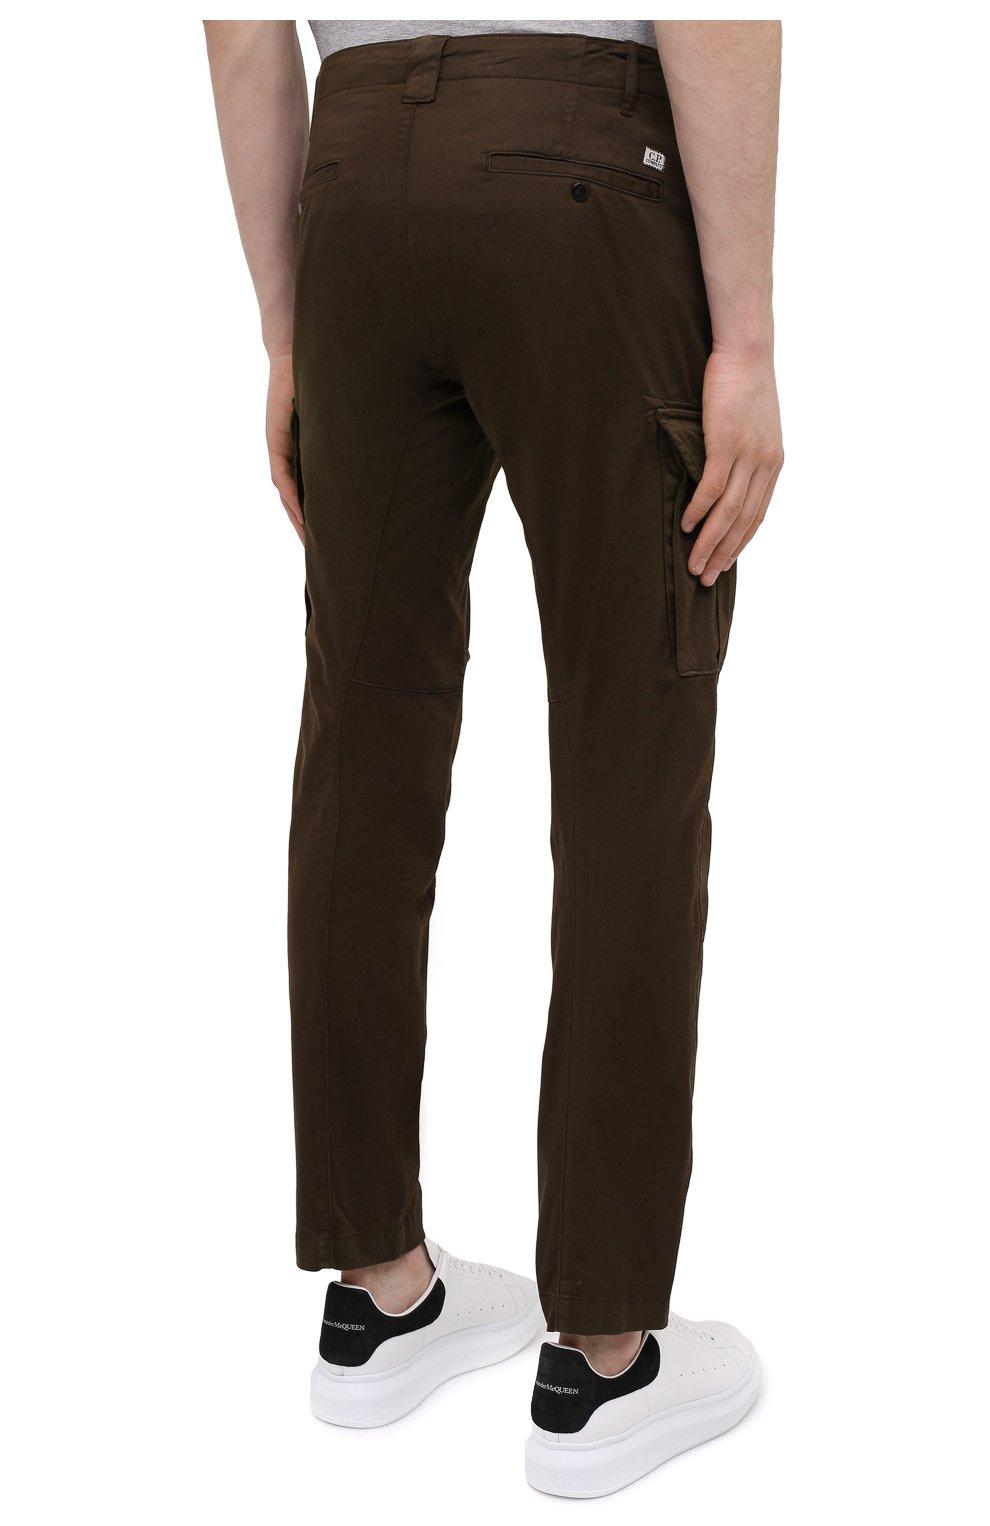 Мужские хлопковые брюки-карго C.P. COMPANY хаки цвета, арт. 10CMPA151A-005694G | Фото 4 (Силуэт М (брюки): Карго; Длина (брюки, джинсы): Стандартные; Случай: Повседневный; Стили: Гранж; Материал внешний: Хлопок)